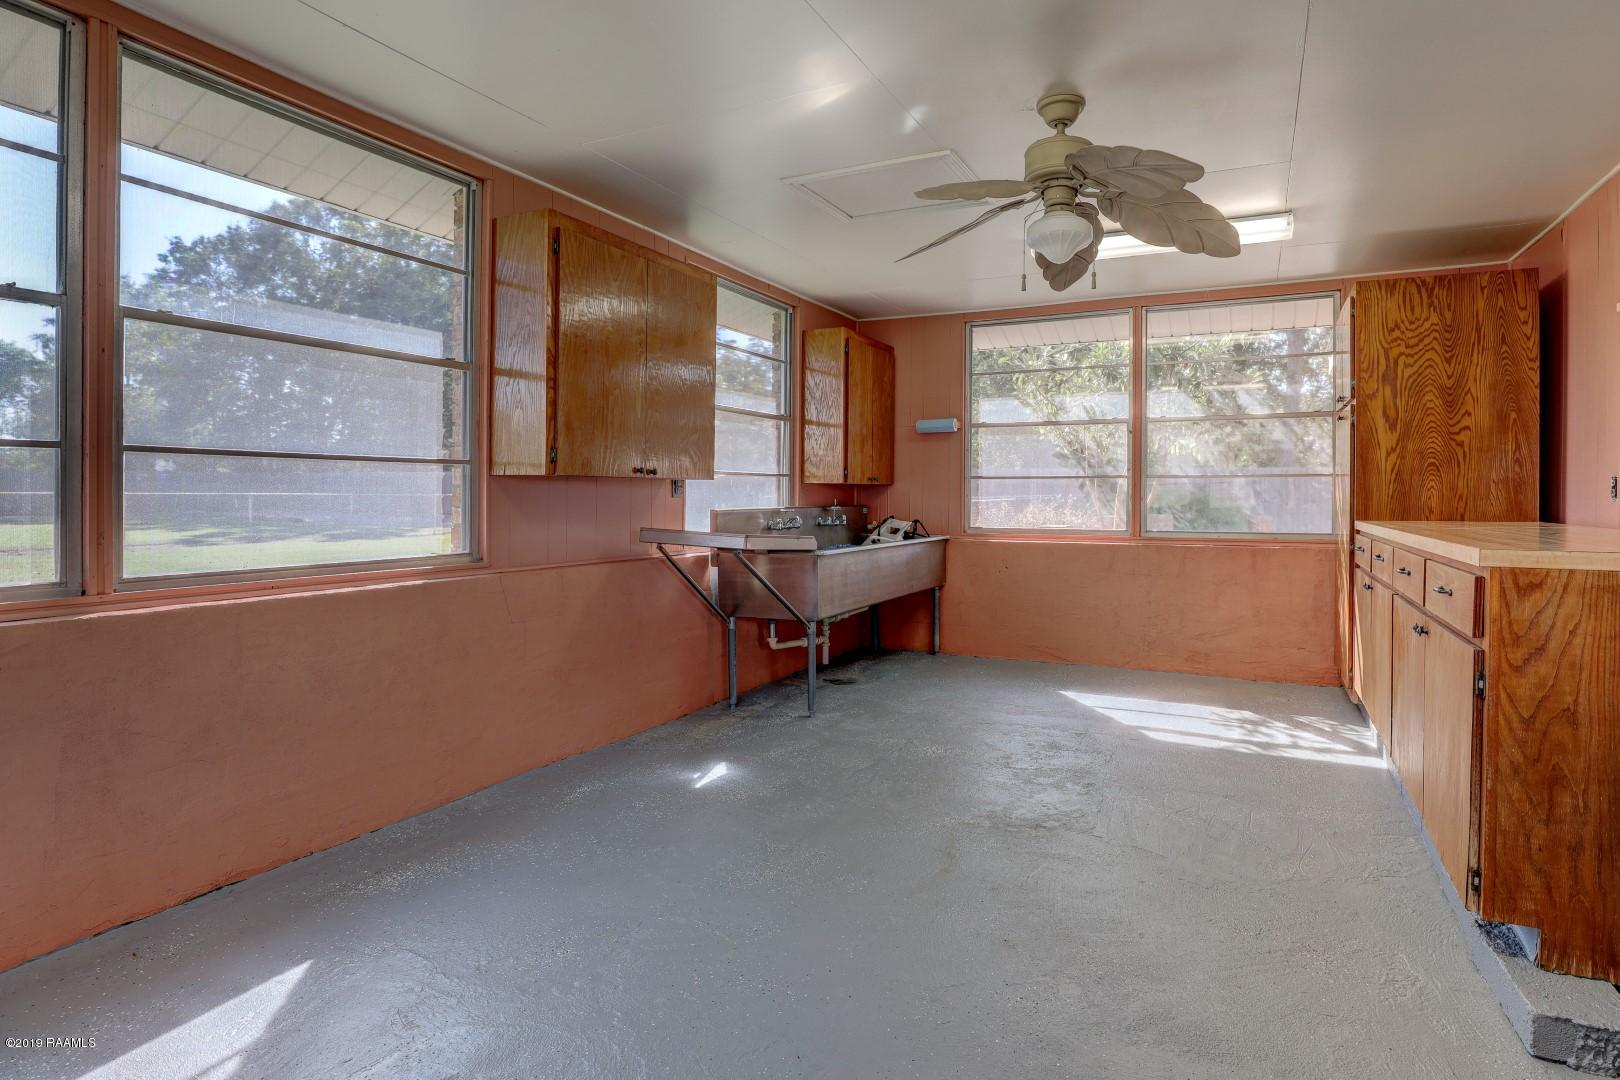 106 Rue De La Pais, Youngsville, LA 70592 Photo #31